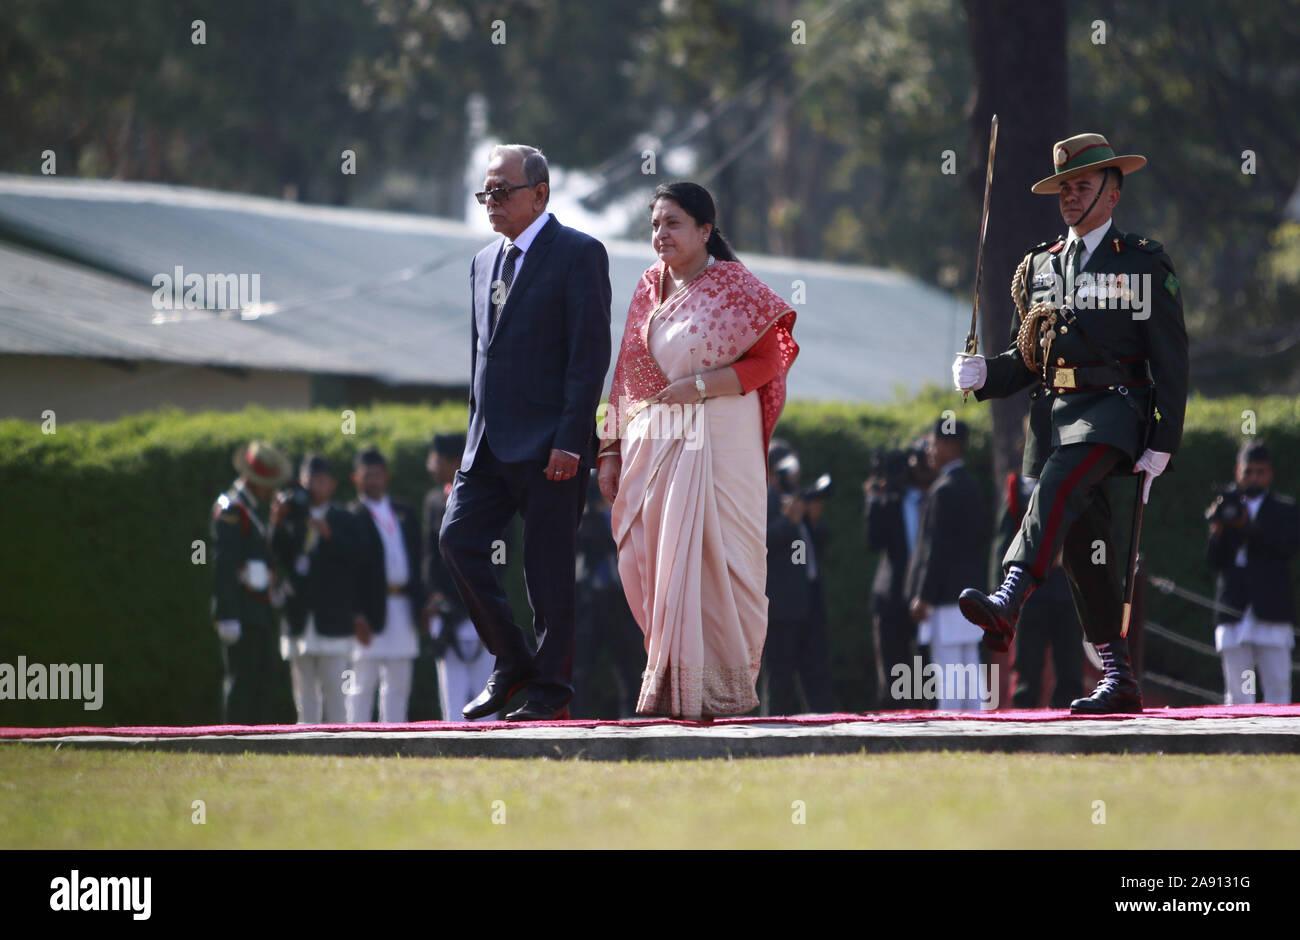 Katmandou, Népal. 12 Nov, 2019. Le Président du Bangladesh Abdul Hamid (L) promenades avec le président du Népal Bidhya Devi Bhandari lors de son arrivée à l'aéroport international de Tribhuvan à Katmandou le Mardi, Novembre 12, 2019. Credit: Dipen Shrestha/ZUMA/Alamy Fil Live News Banque D'Images